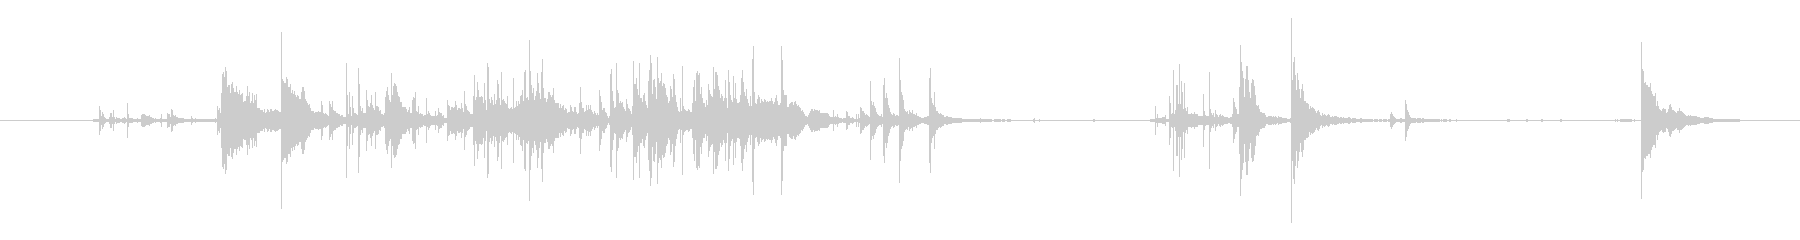 メタル チェーンプルアップ06の未再生の波形